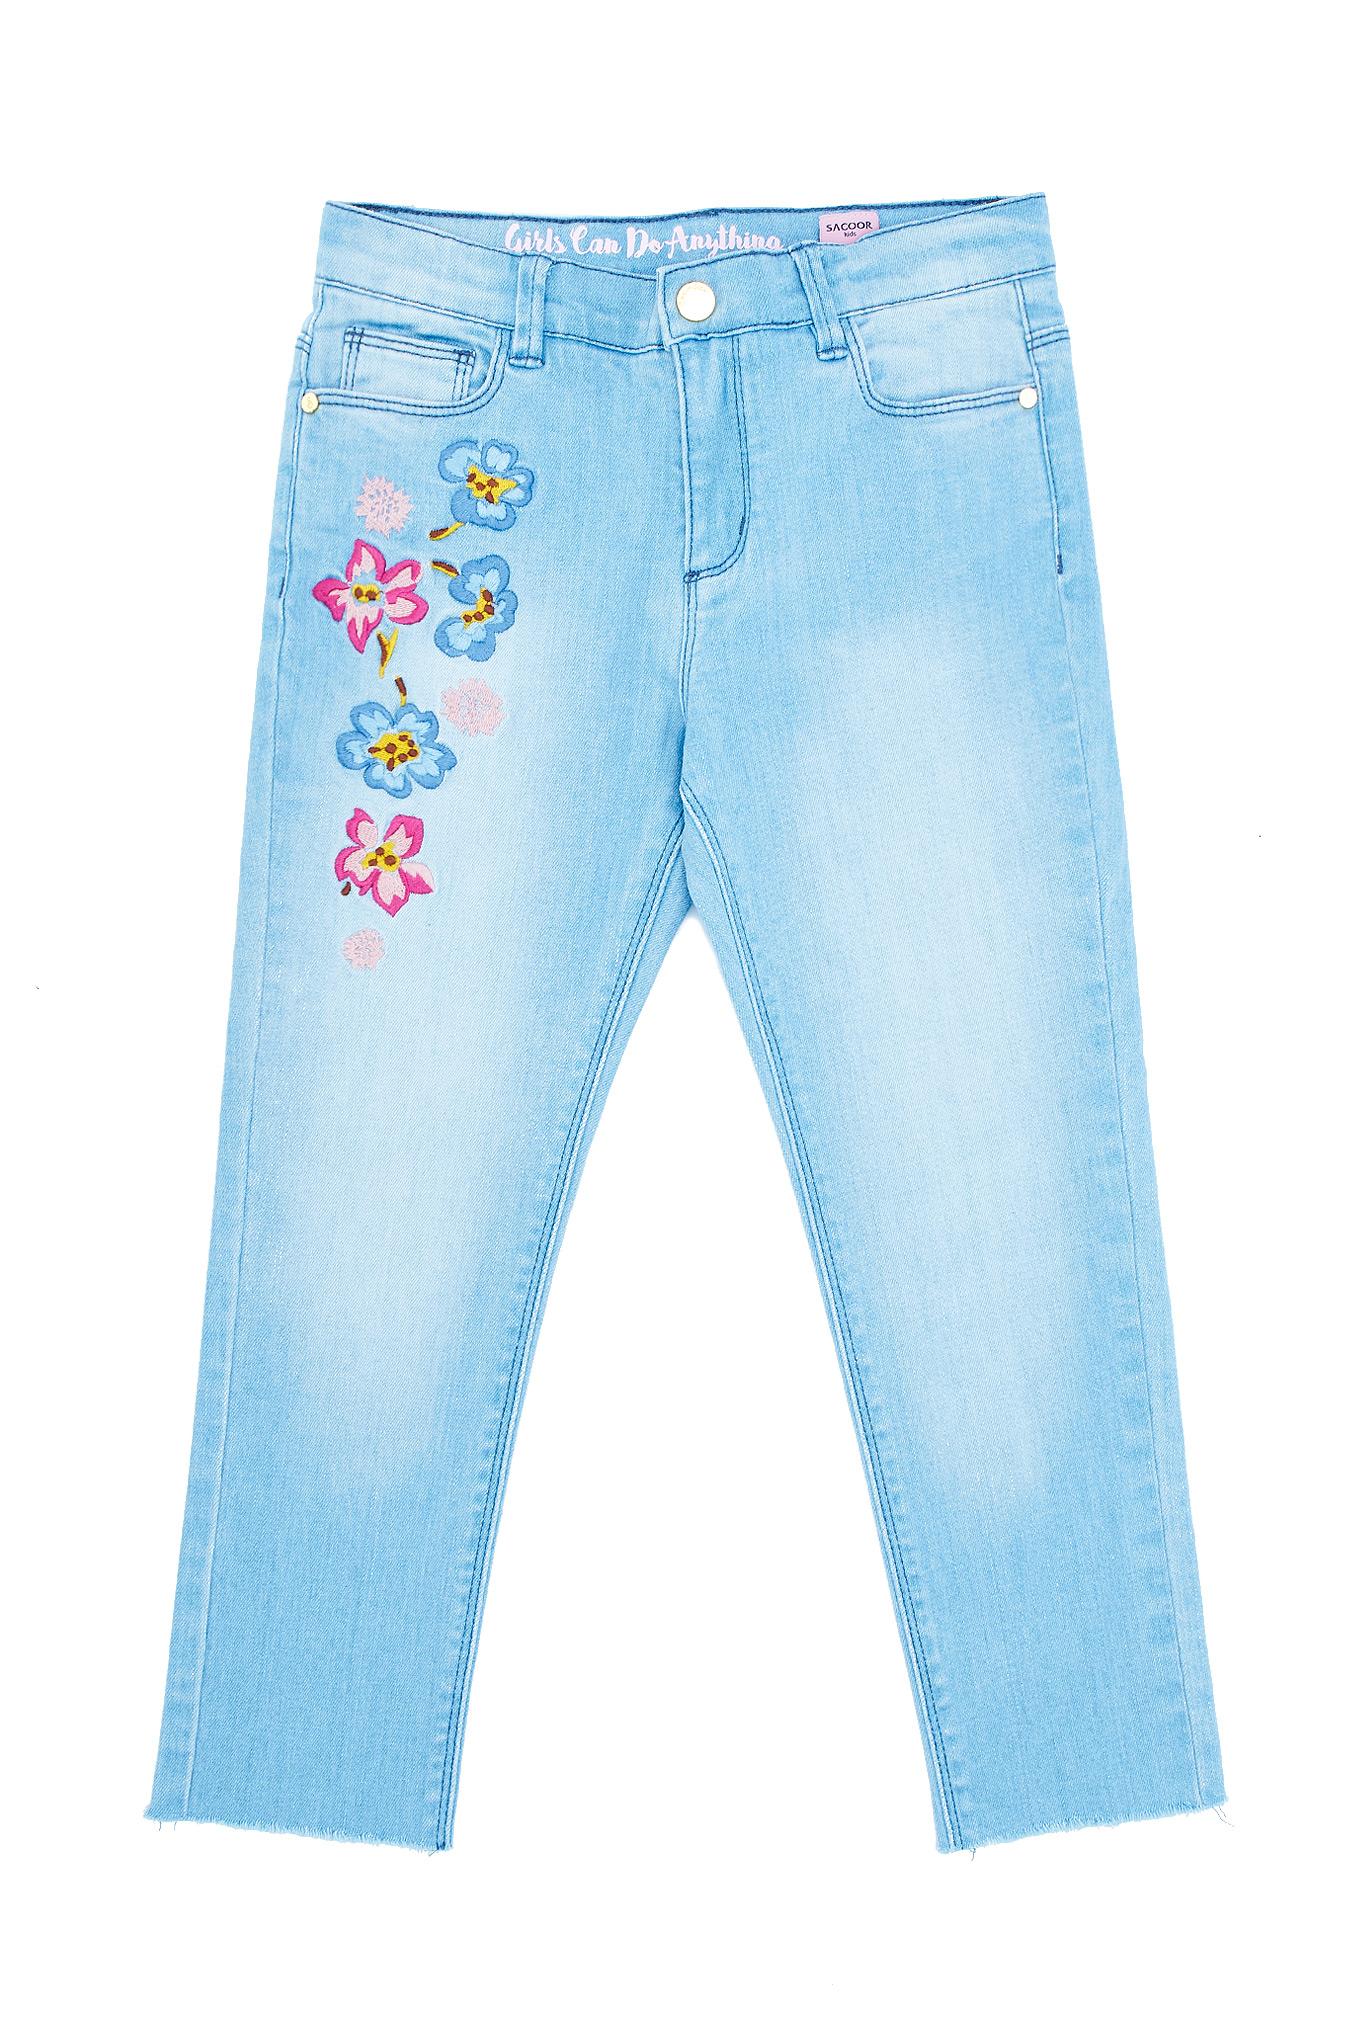 Calças Ganga Azul Claro Sport Rapariga